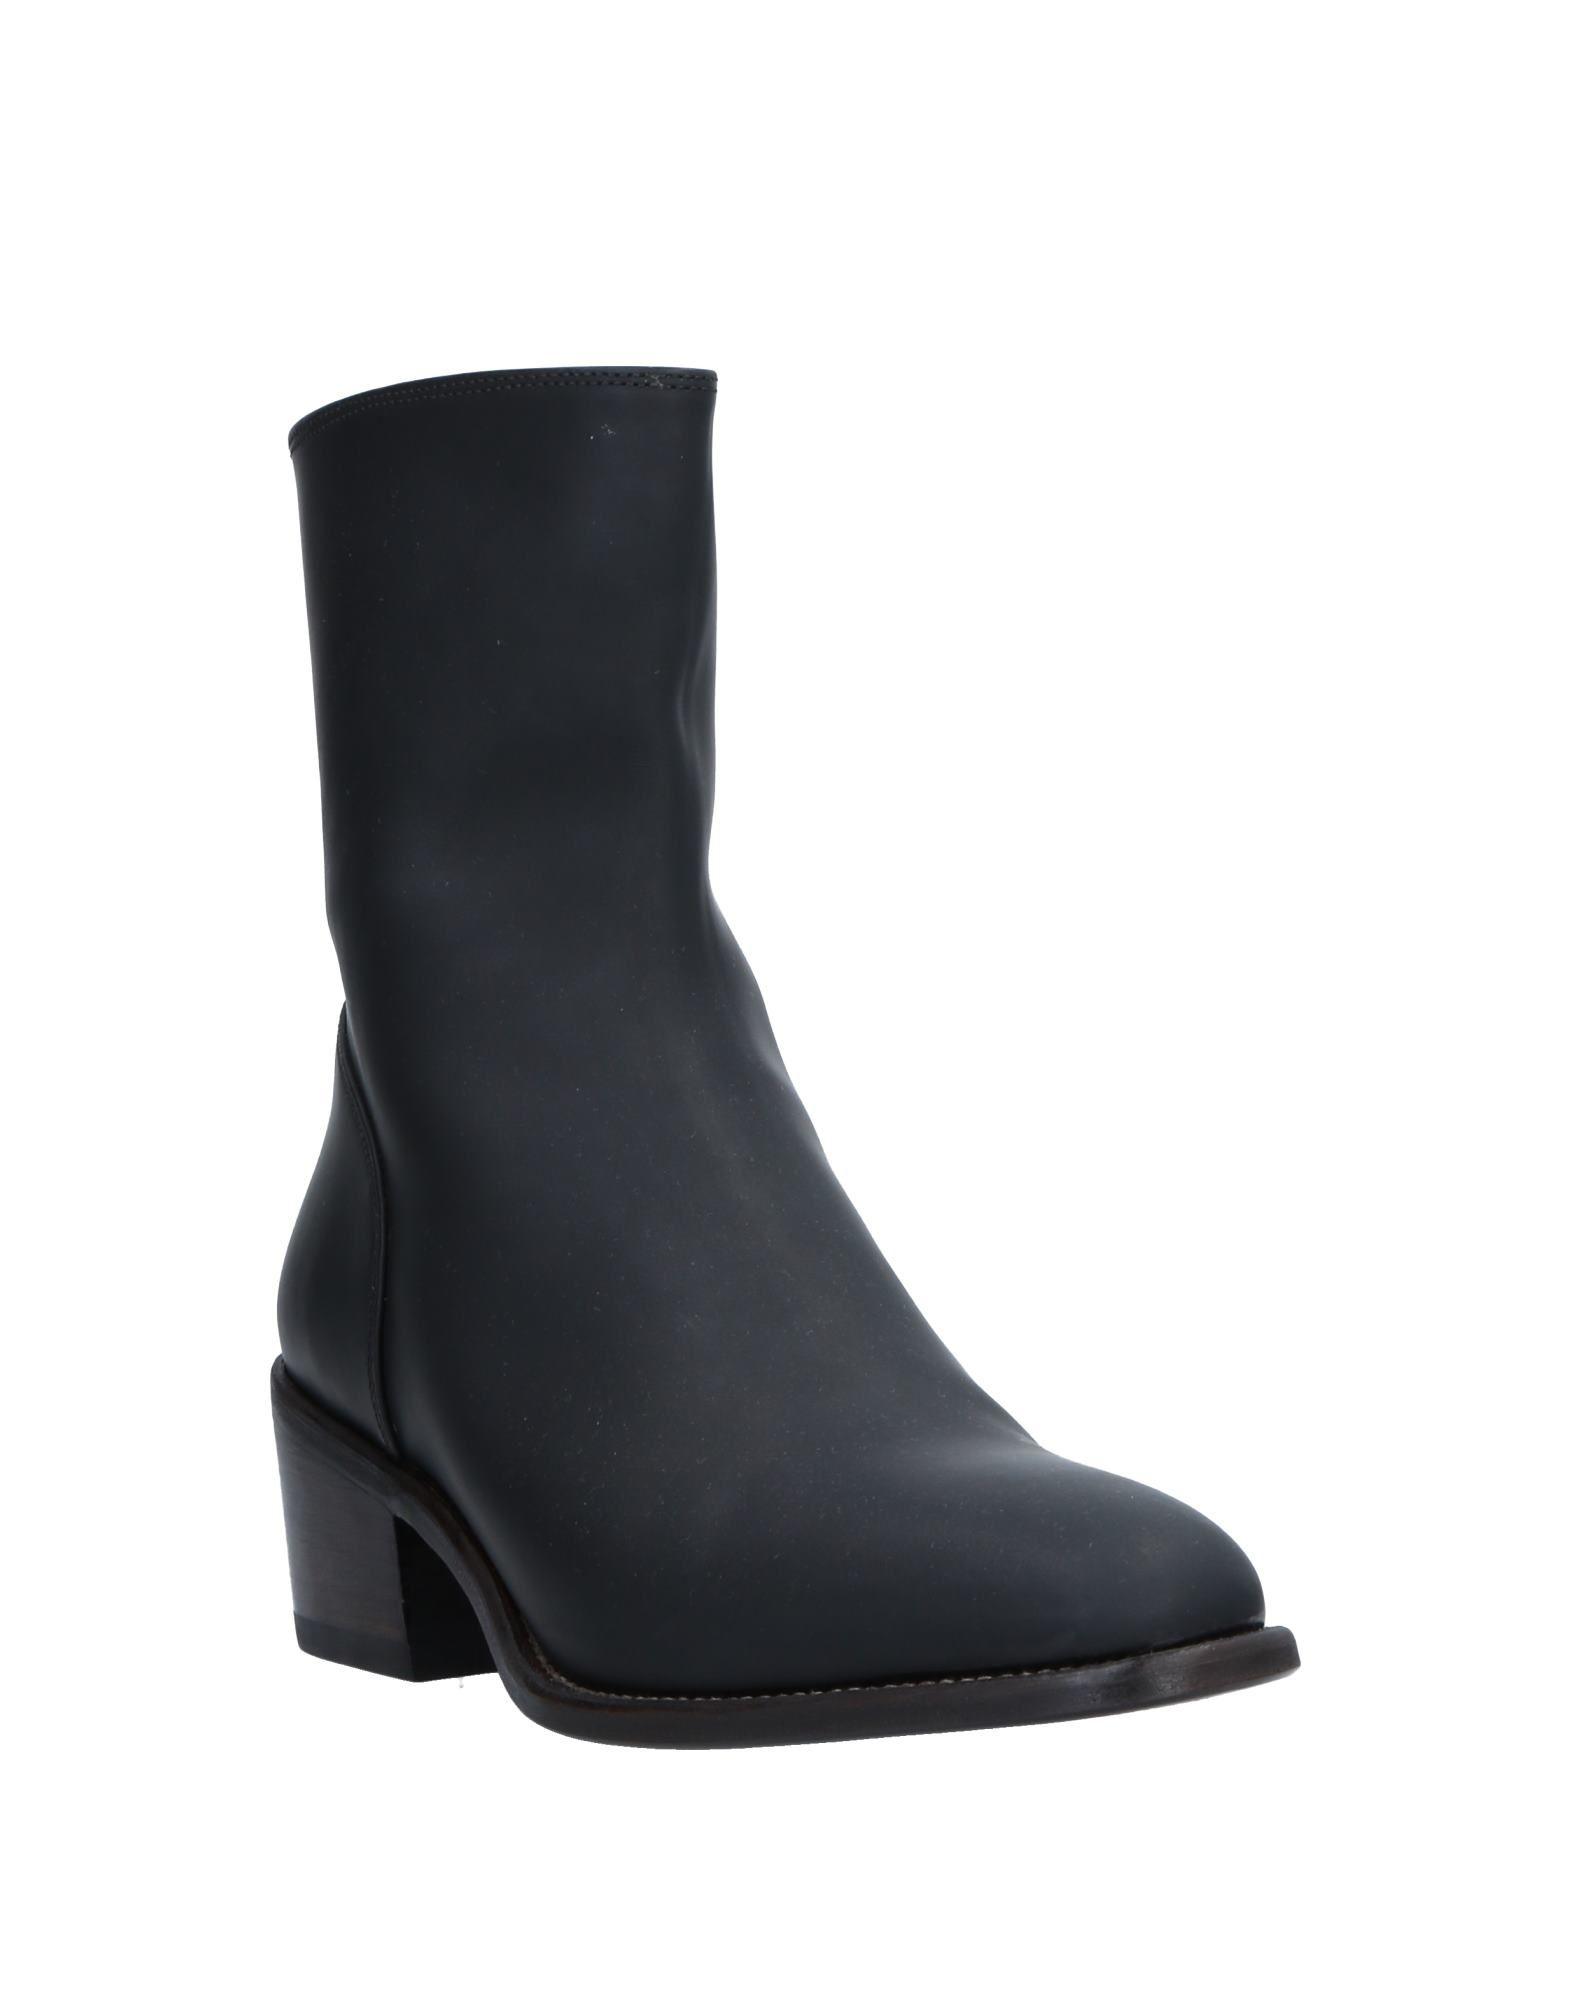 Rabatt Schuhe Premiata Stiefelette Stiefelette Premiata Damen 11530786KI 85c1e7